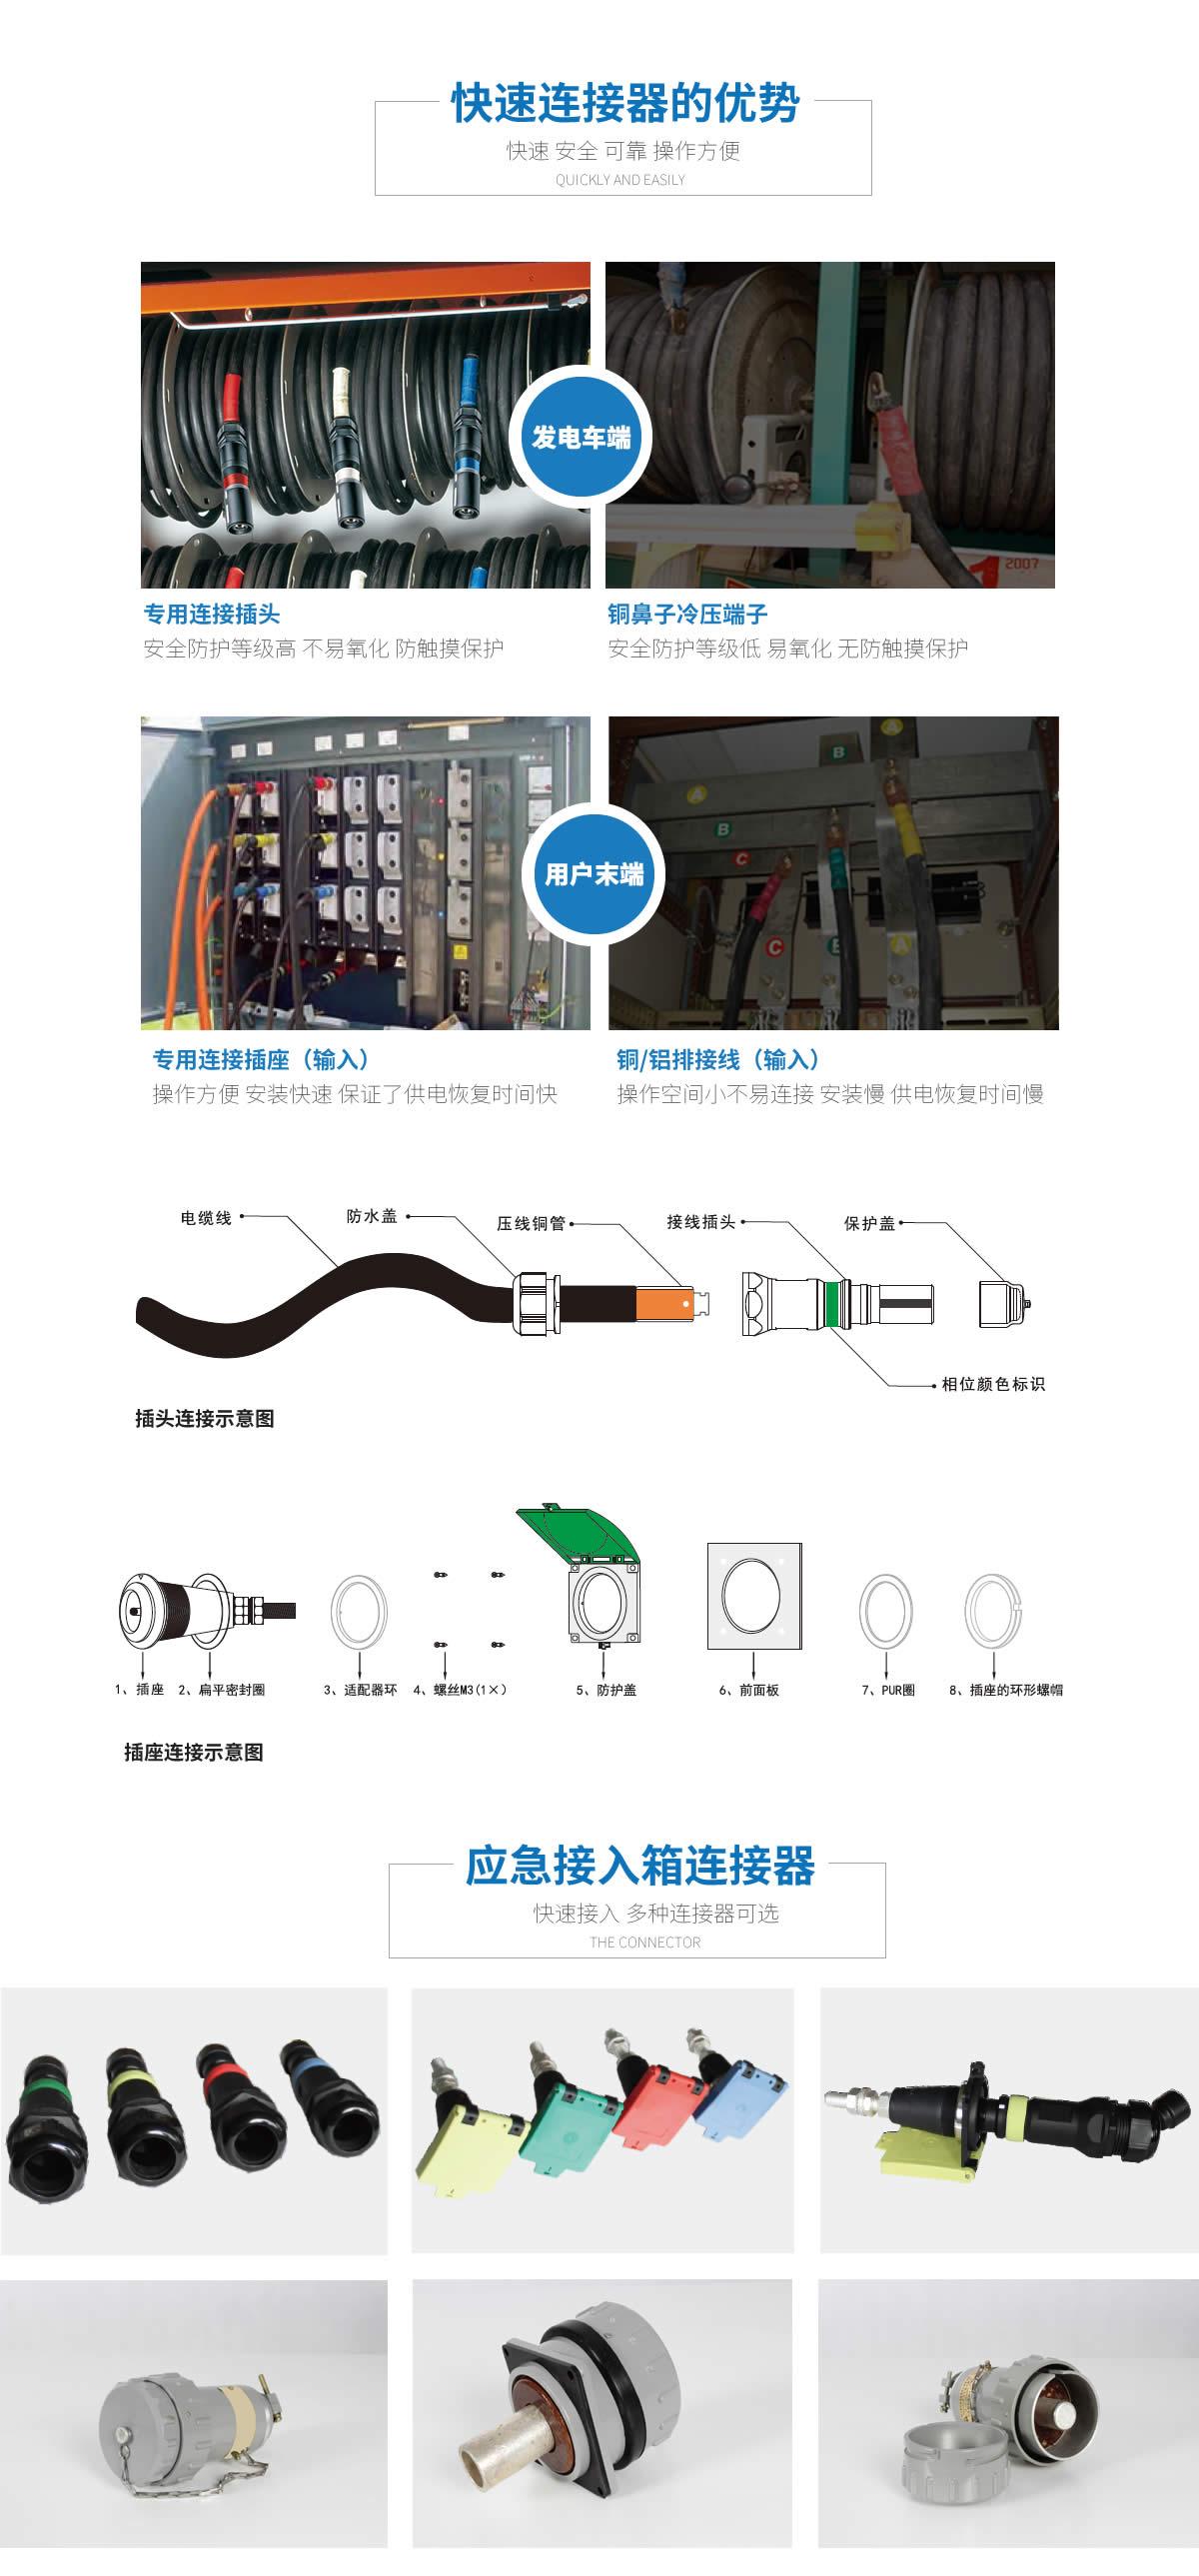 应急发电车快速接入装置的快速连接器的优势及种类